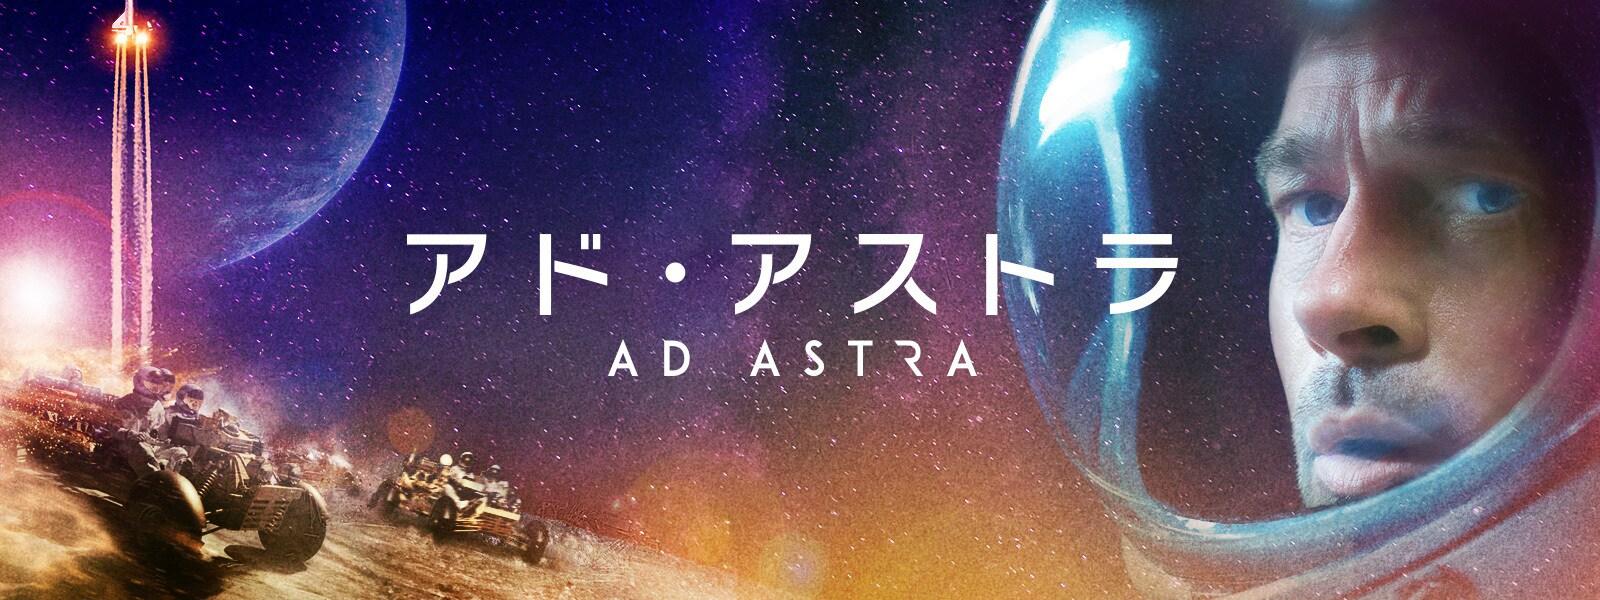 アド・アストラ Ad Astra Hero